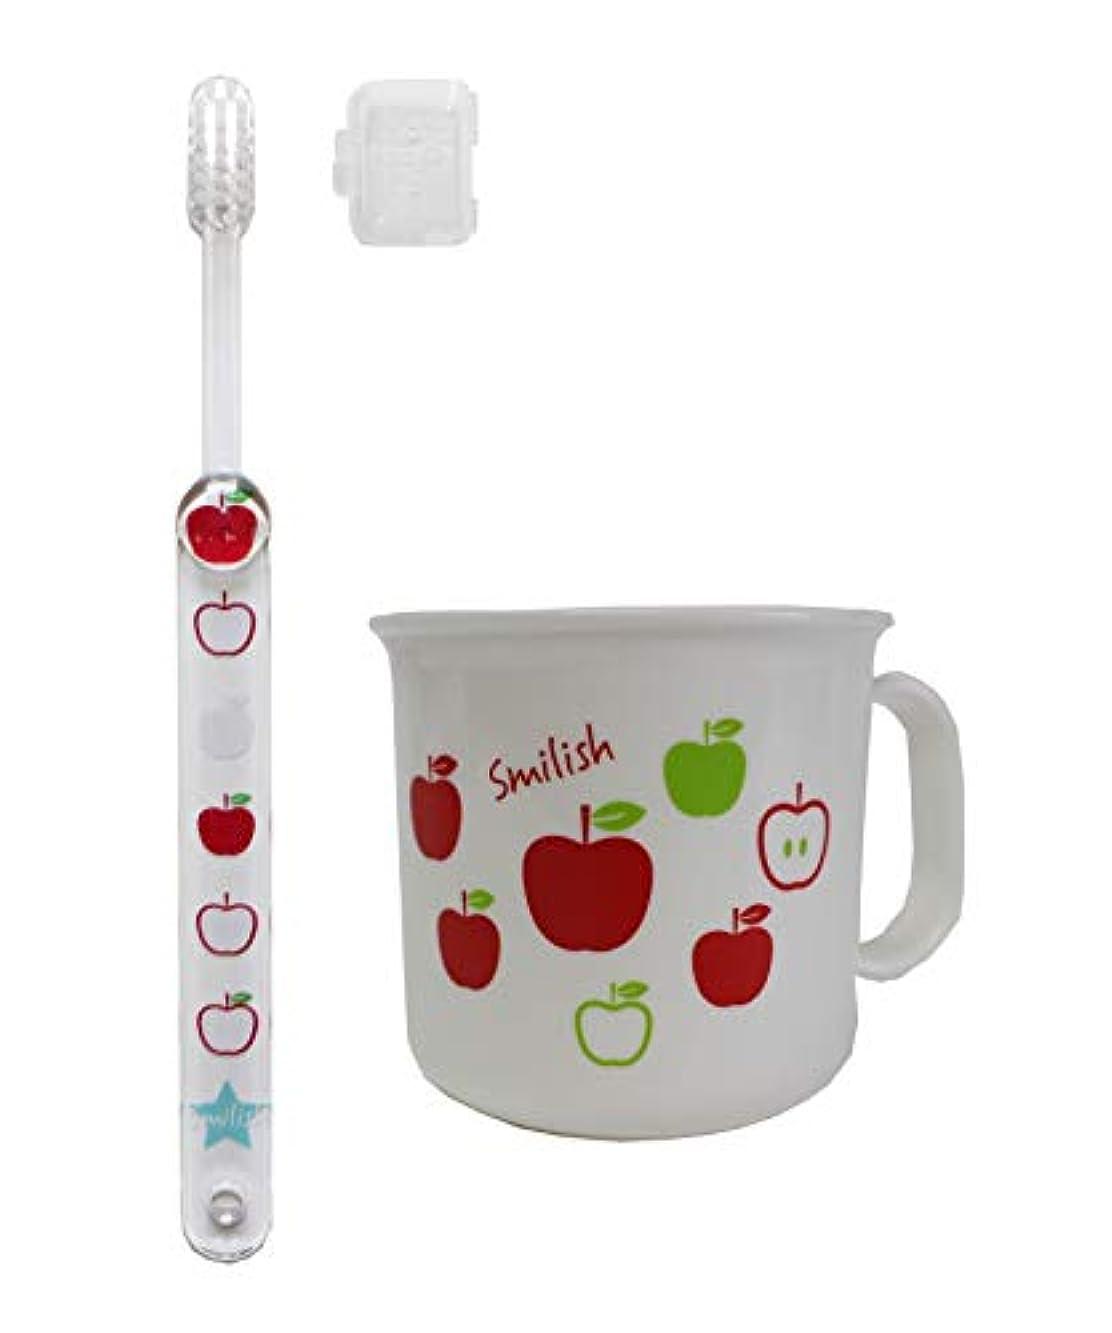 スマイルカニ立証する子ども歯ブラシ(キャップ付き) 耐熱コップセット アップル